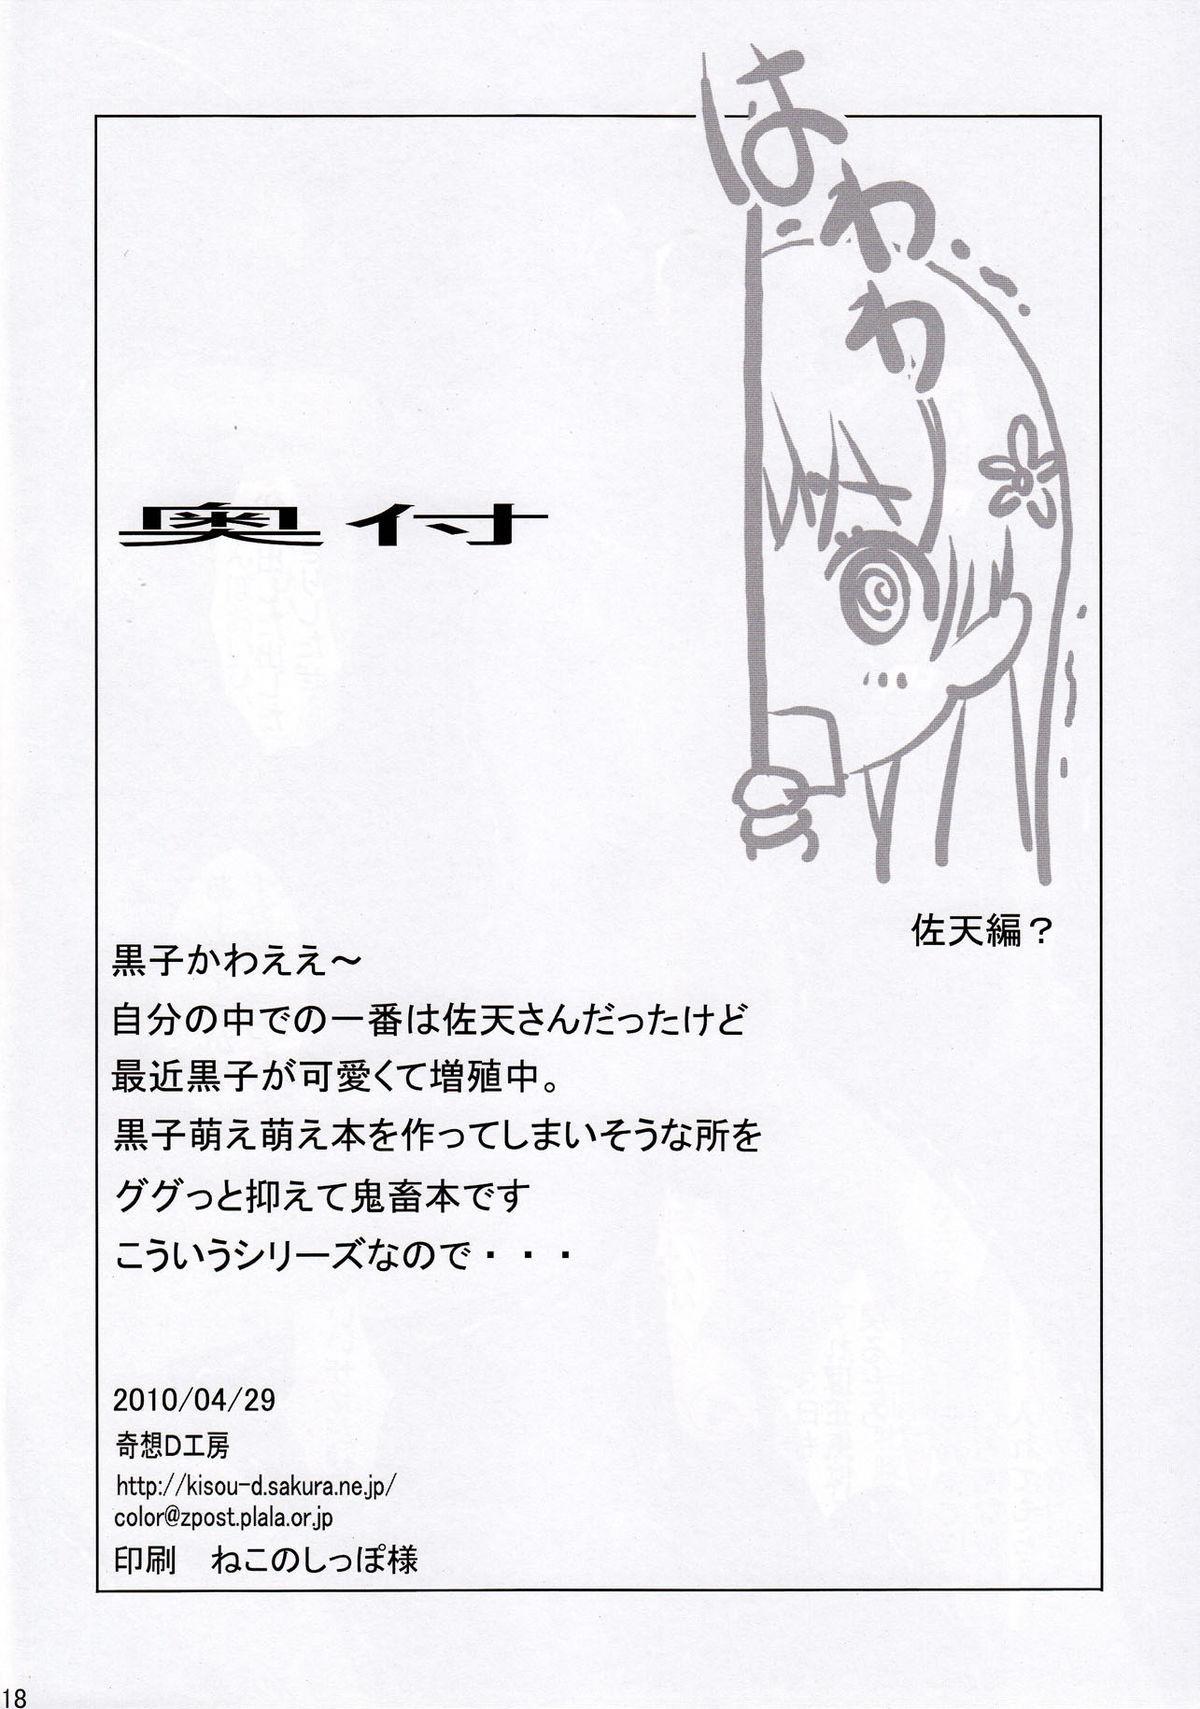 Toaru Kagaku no Zettai Fukuju Kuroko-hen 16